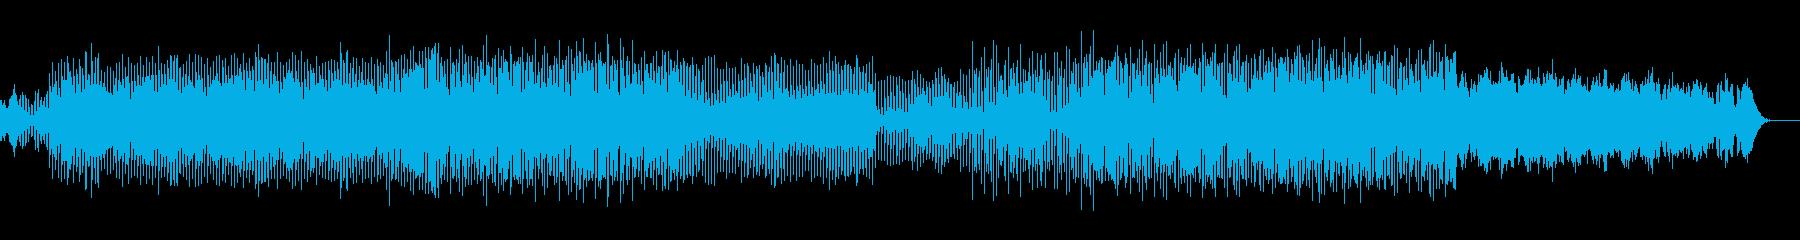 POPで明るい元気なテクノロックサウンドの再生済みの波形